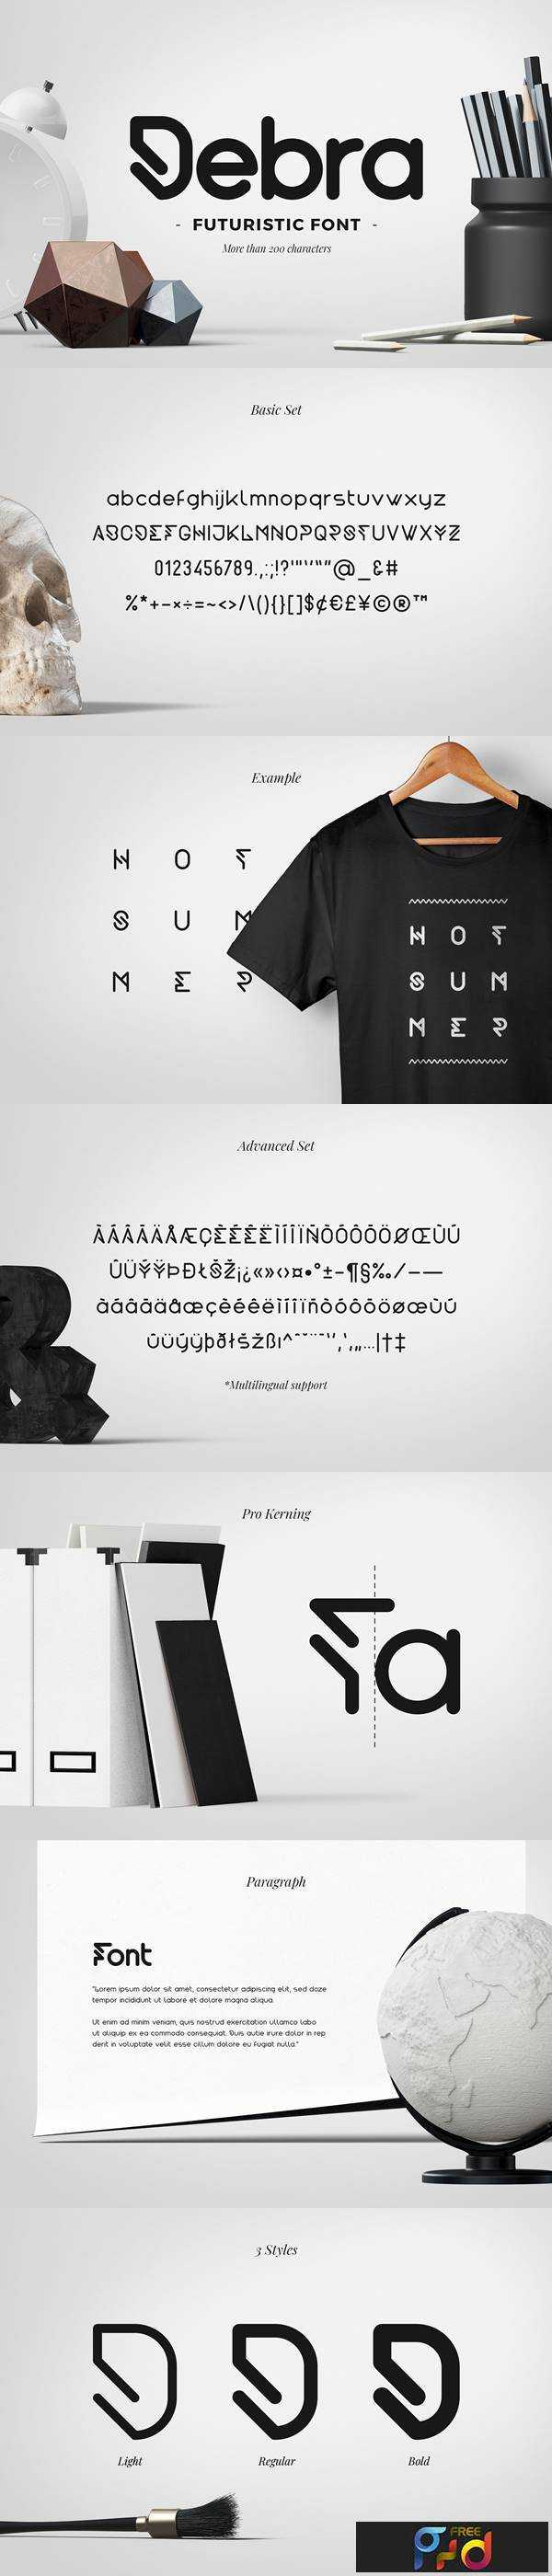 1806054 Debra Rounded - Futuristic Typeface 2477633 1